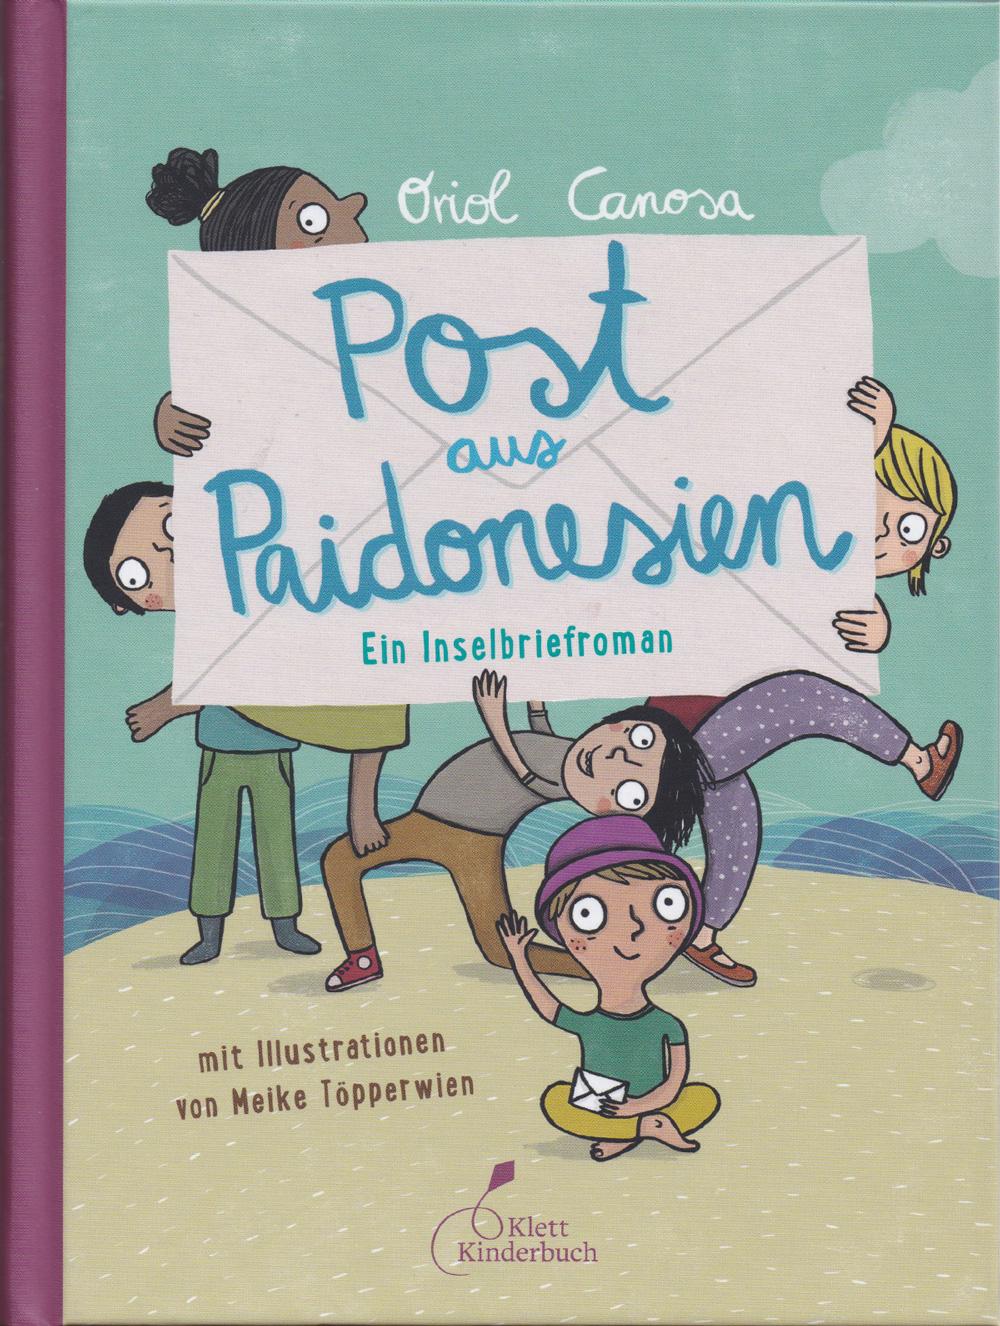 Paidosien_front